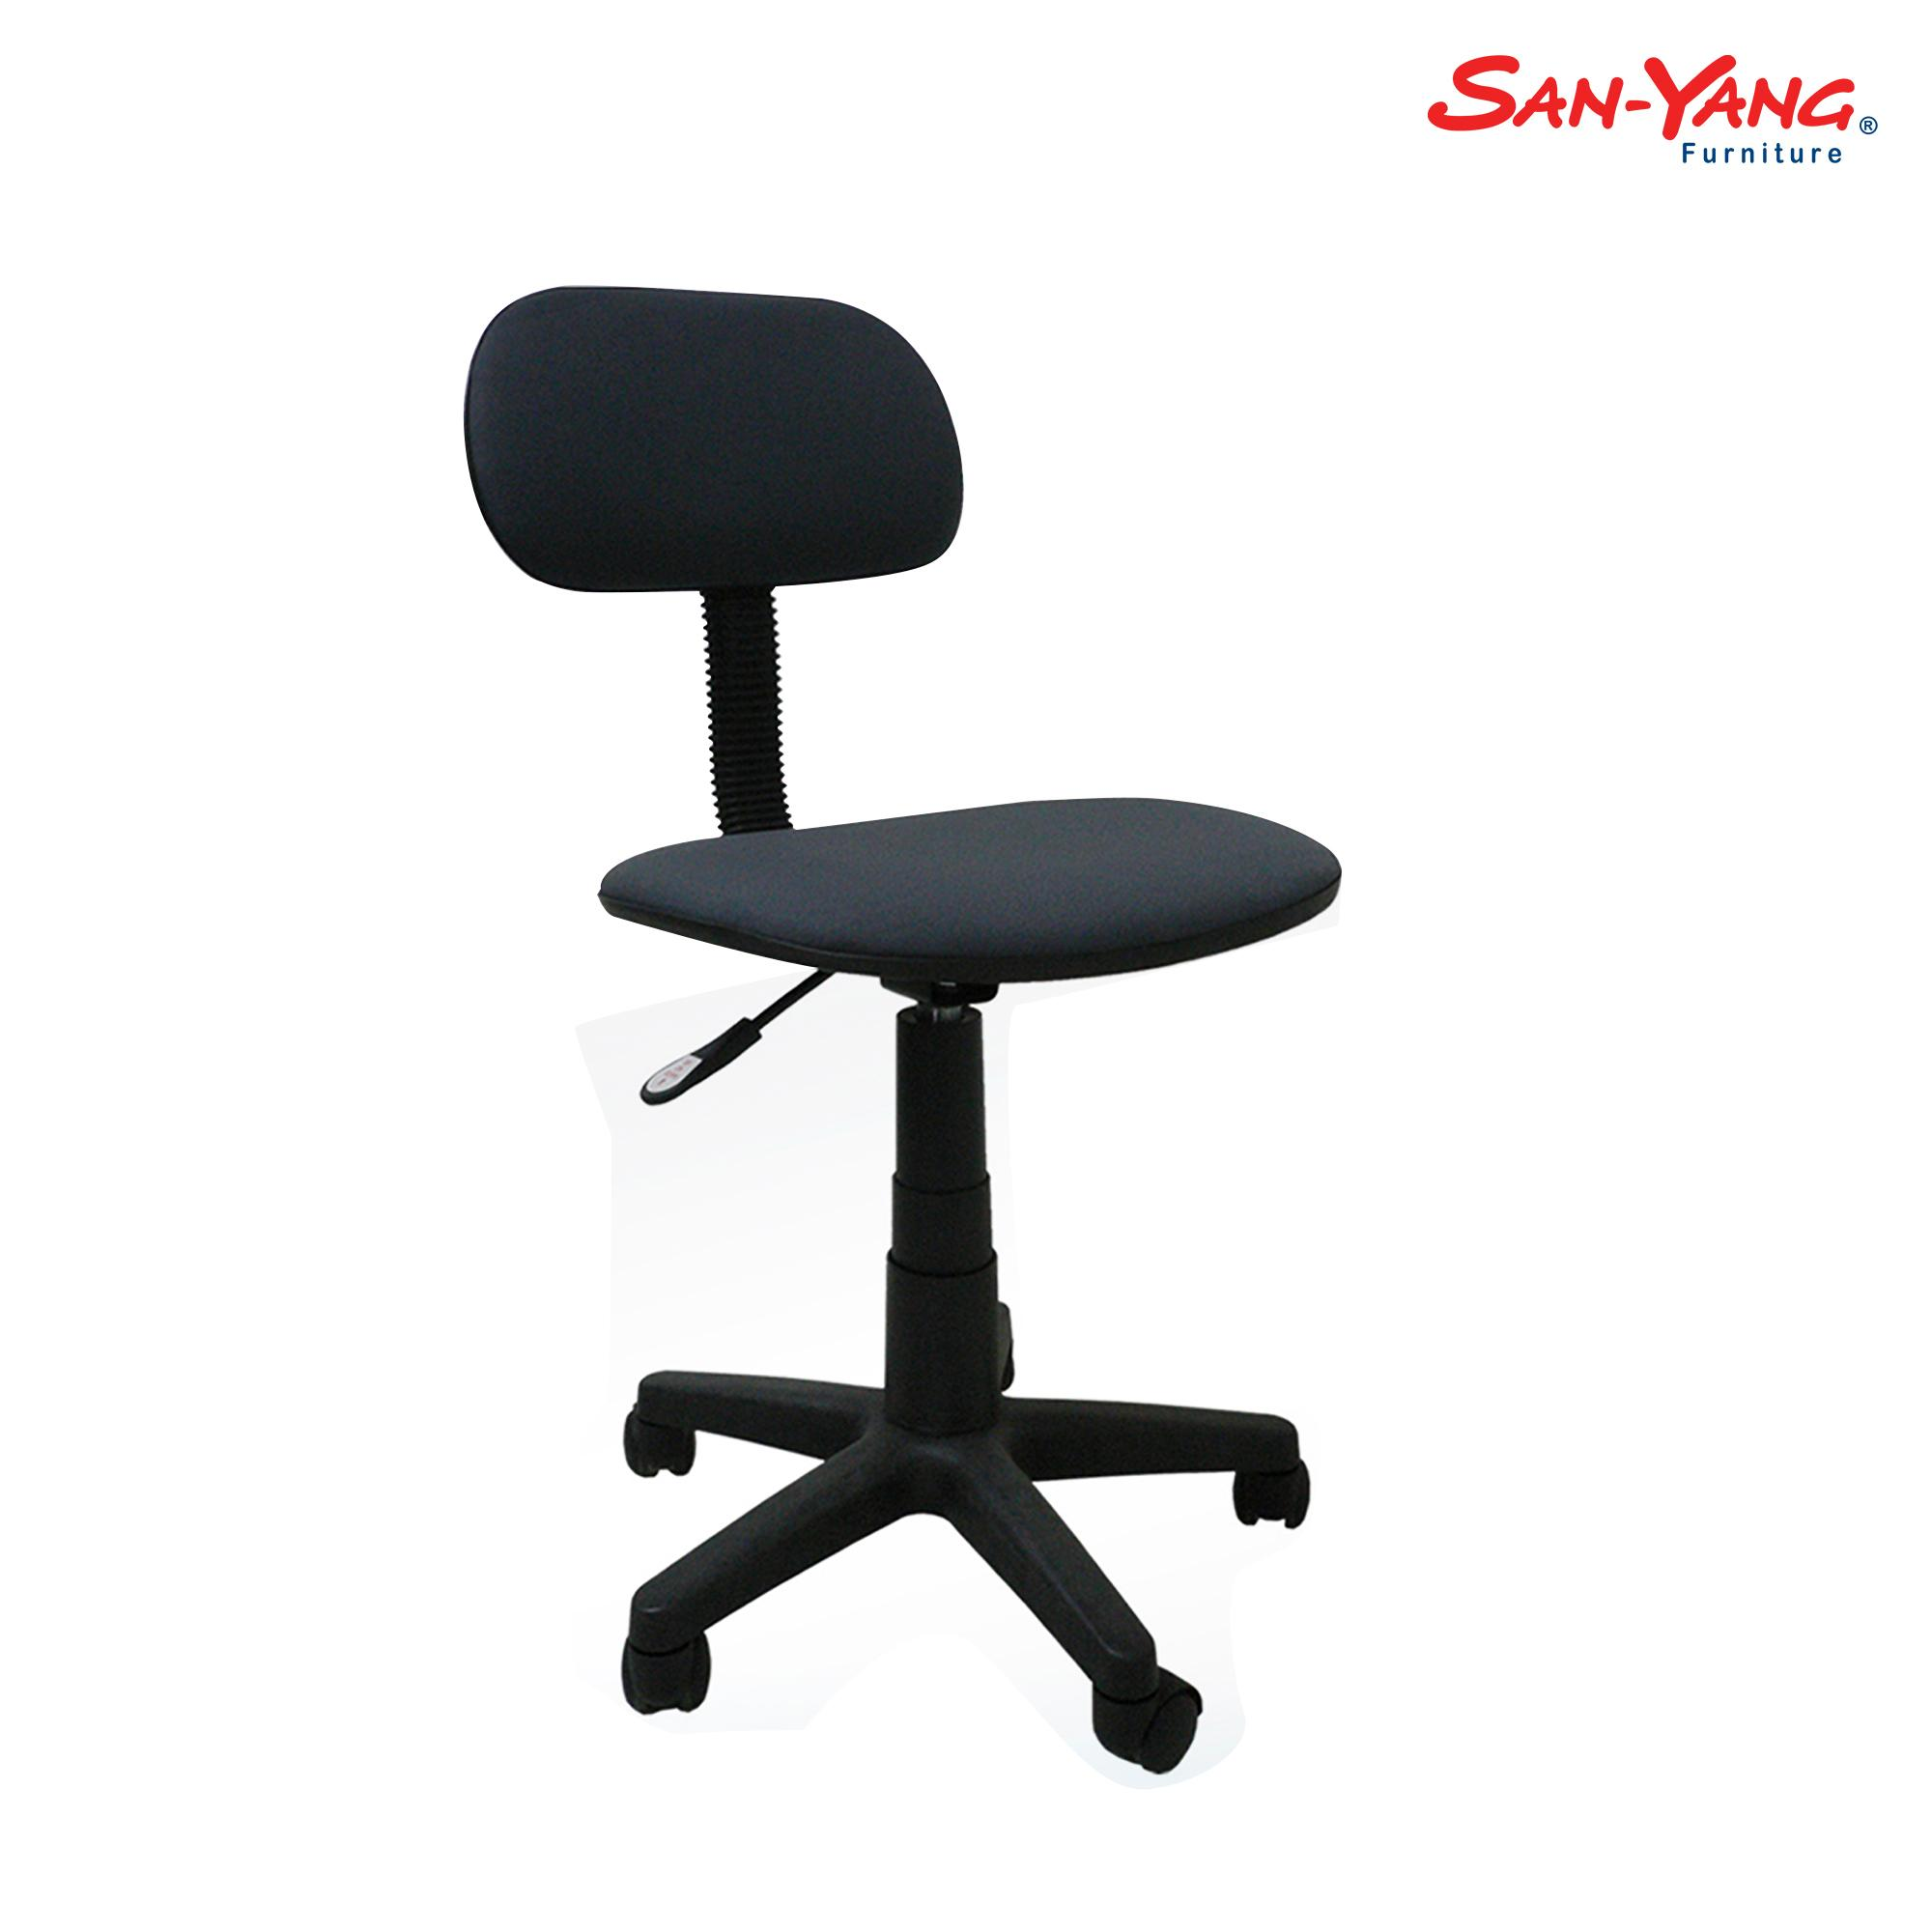 San Yang Clerical Chair Foc621g